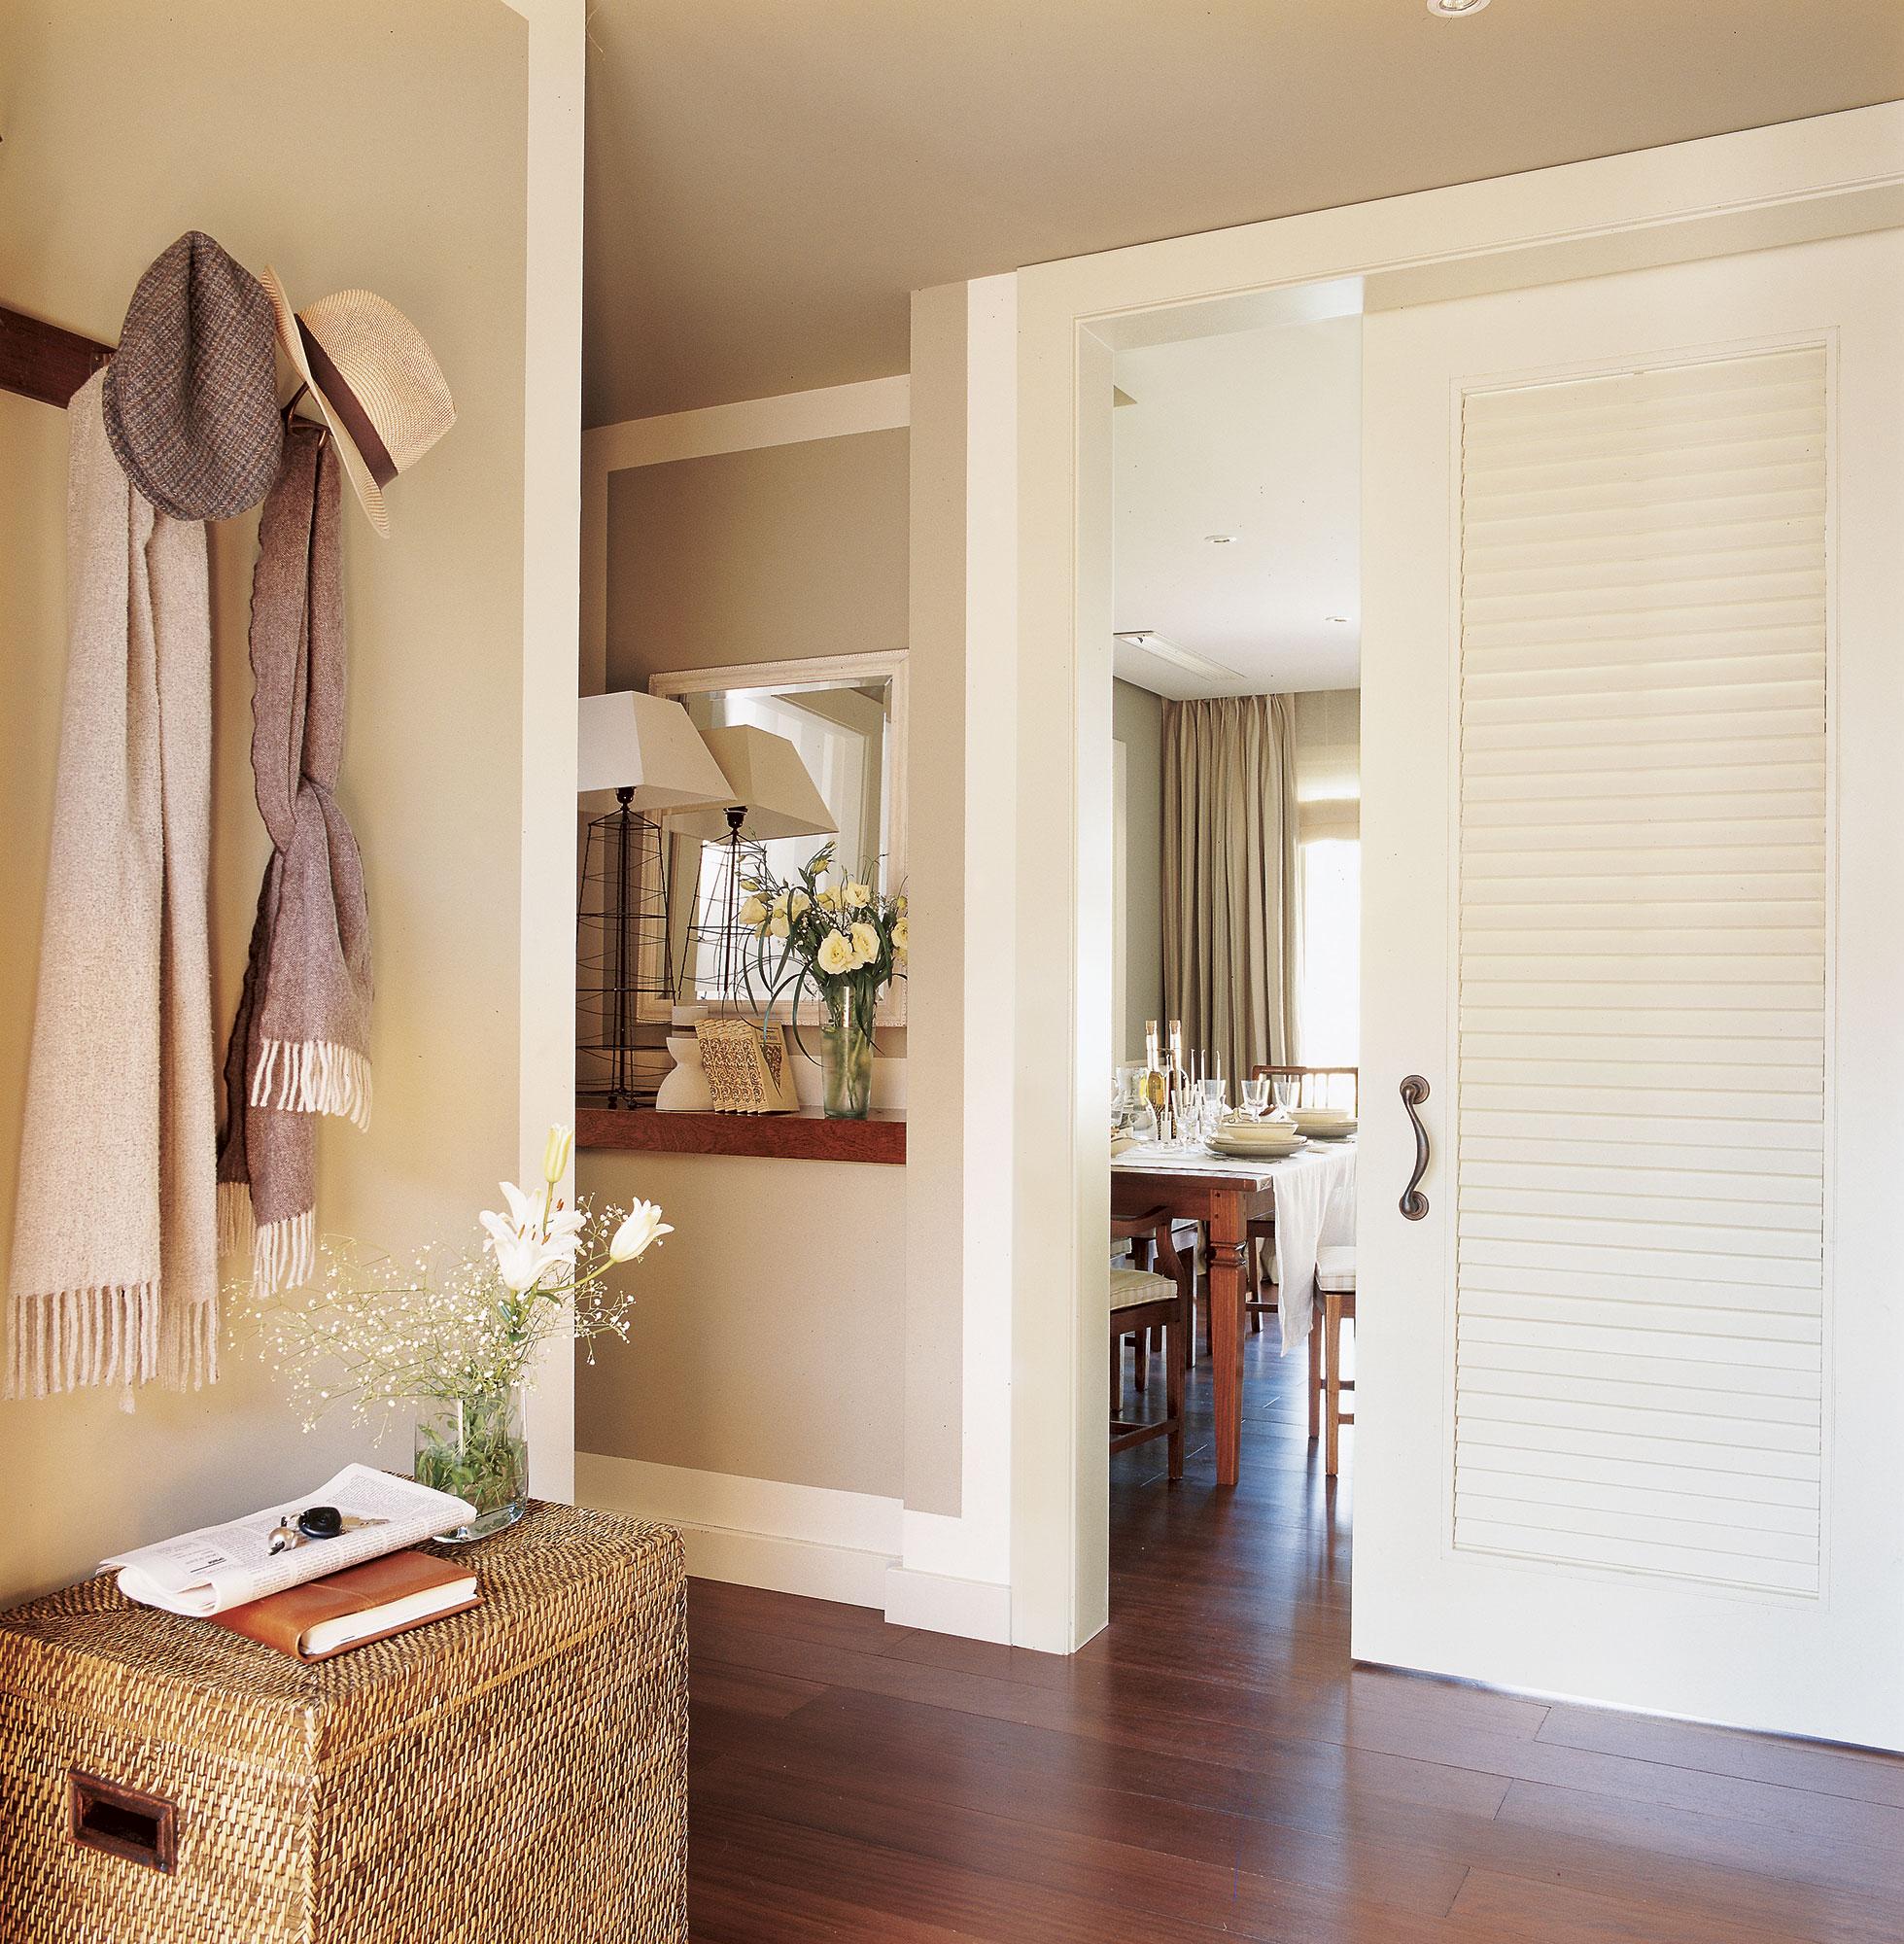 Instala una puerta corredera en casa y gana 1,5 m2 reales - photo#30